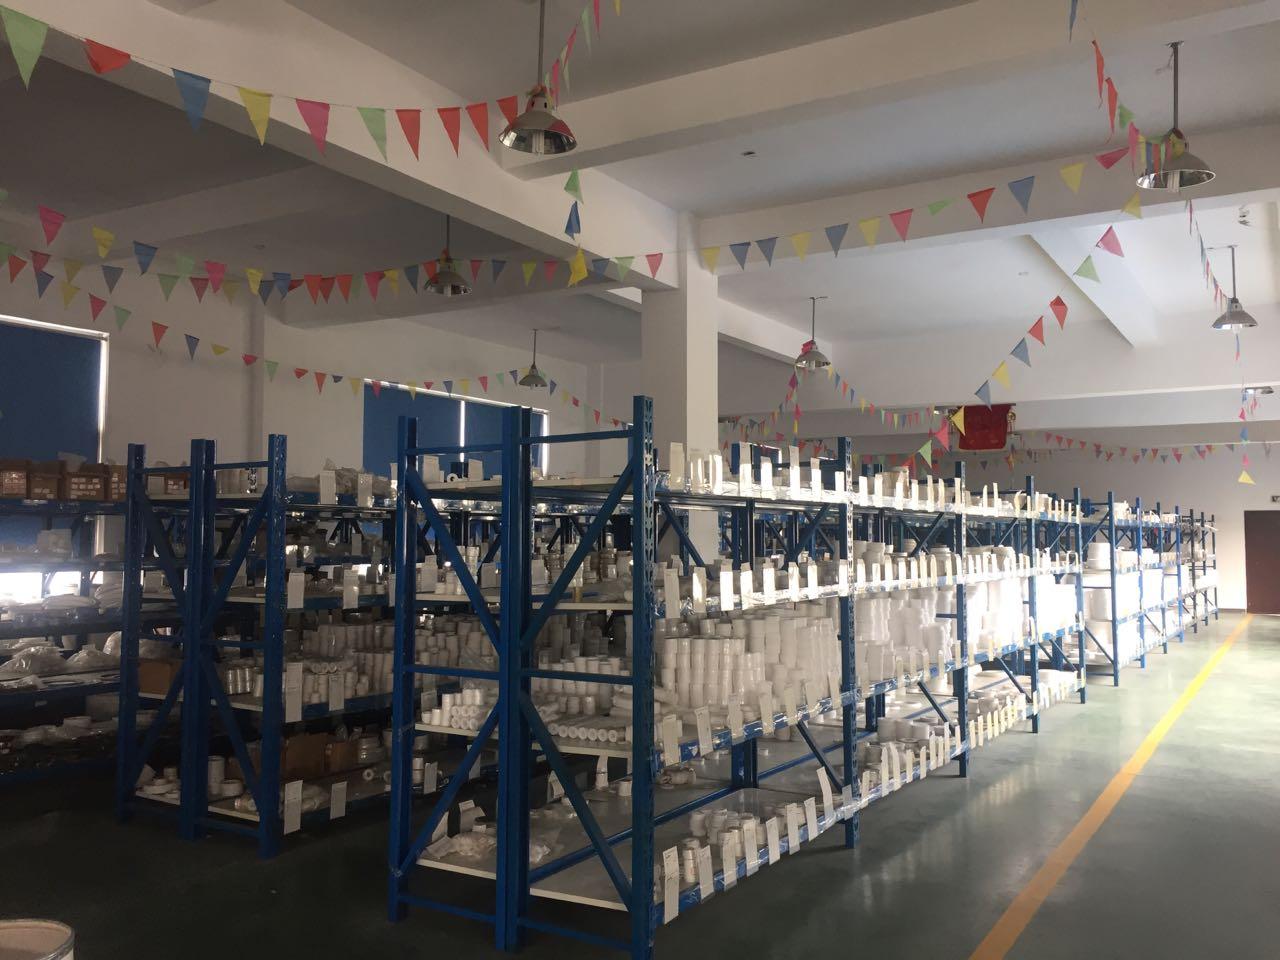 来自丁智媛发布的供应信息:四氟垫,四氟板,四氟管... - 宁波泰弗诺氟塑制品有限公司